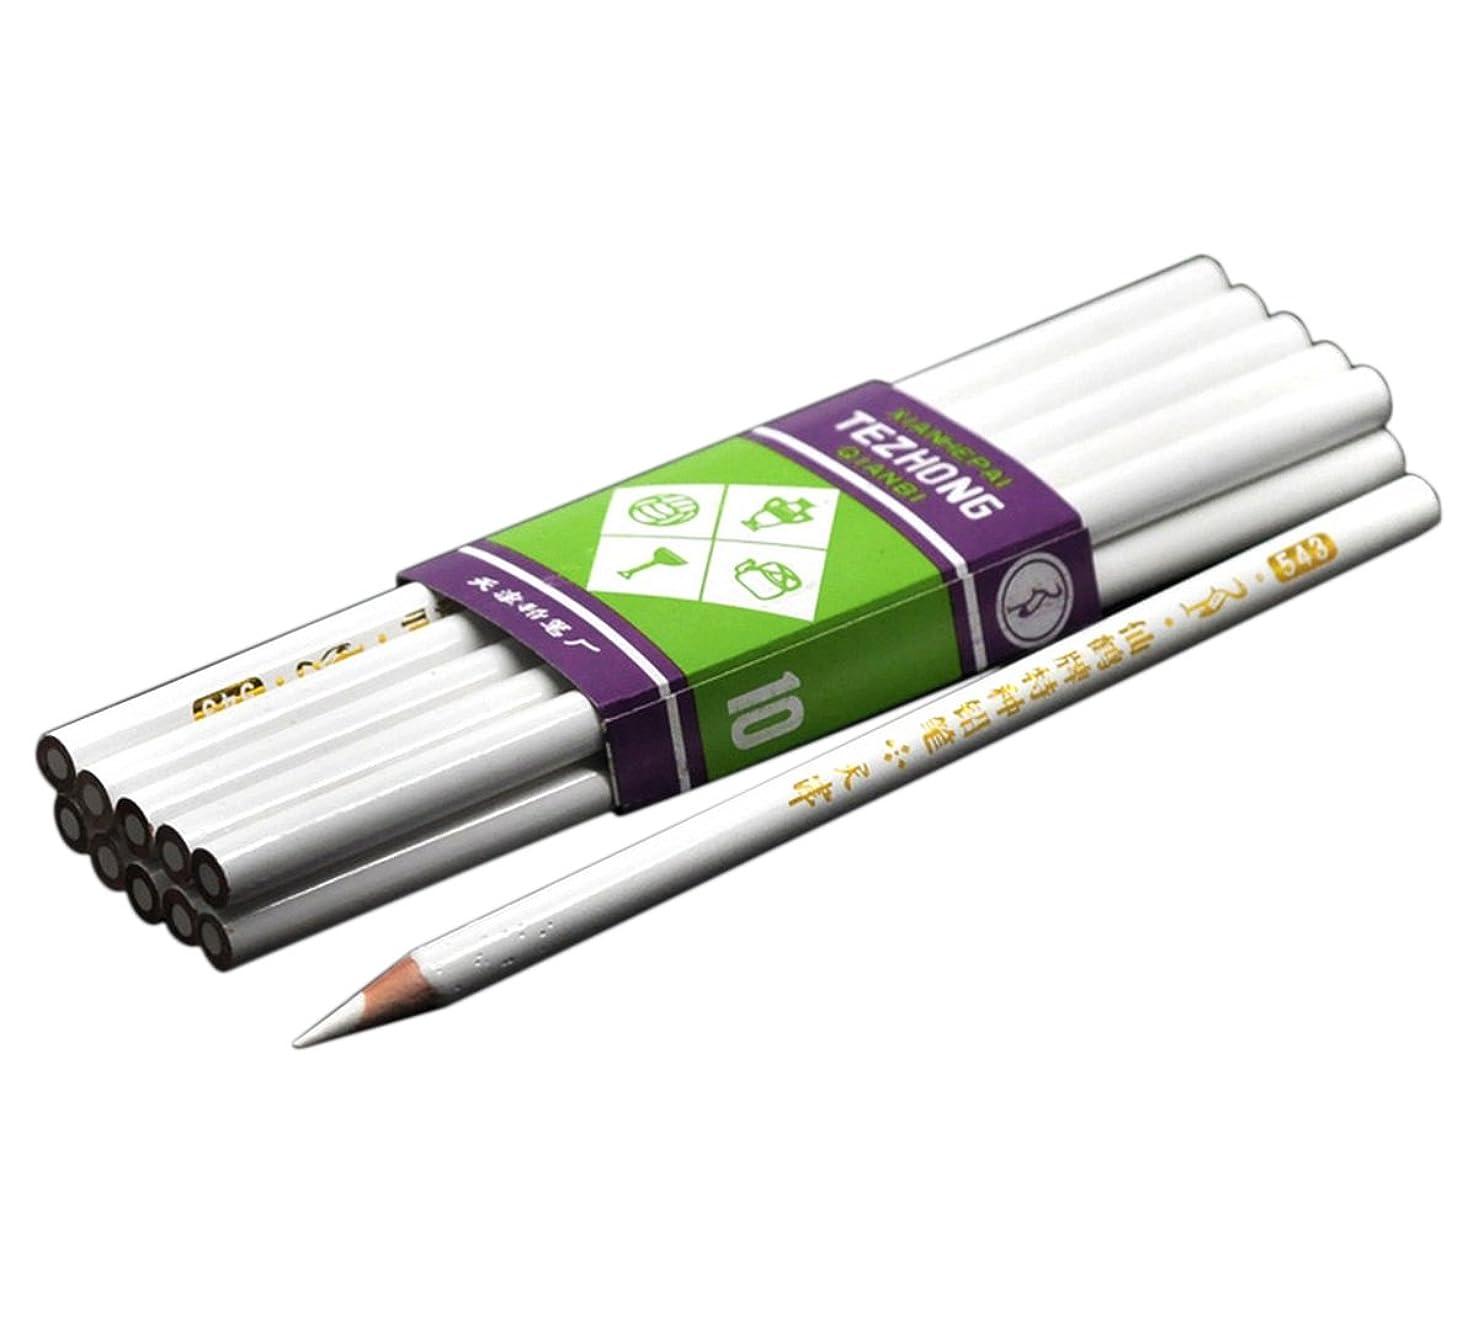 症候群スタックプレミアHousweetyネイルアート用ペン 10本セット ネイルデザイン ジェルネイル 鉛筆 筆 ネイル用品 白い